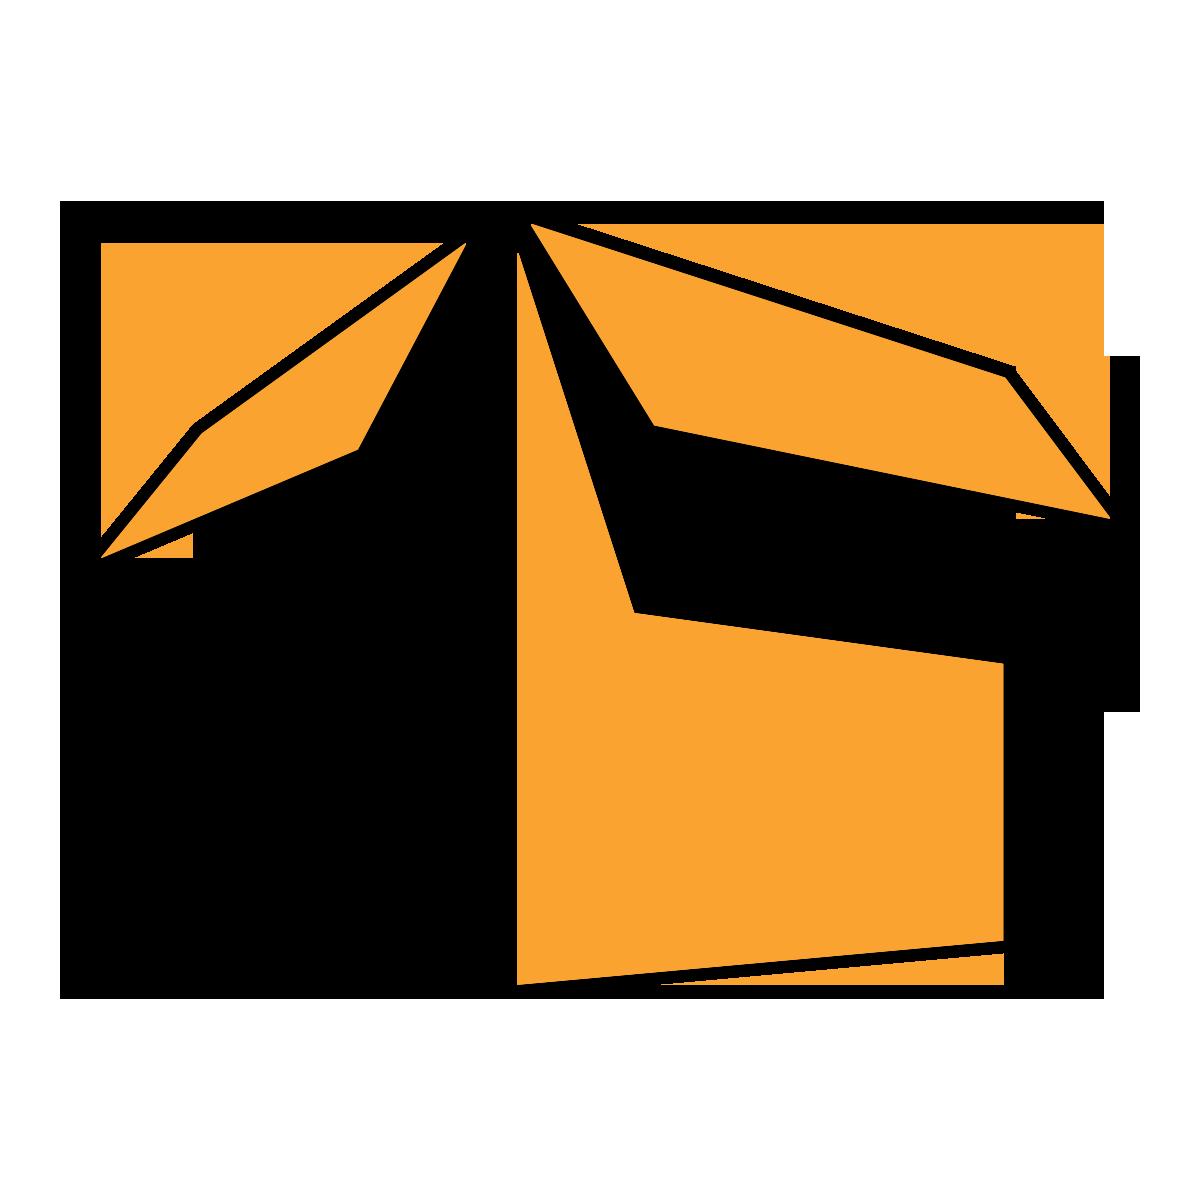 noun_Box_153852_000000.png